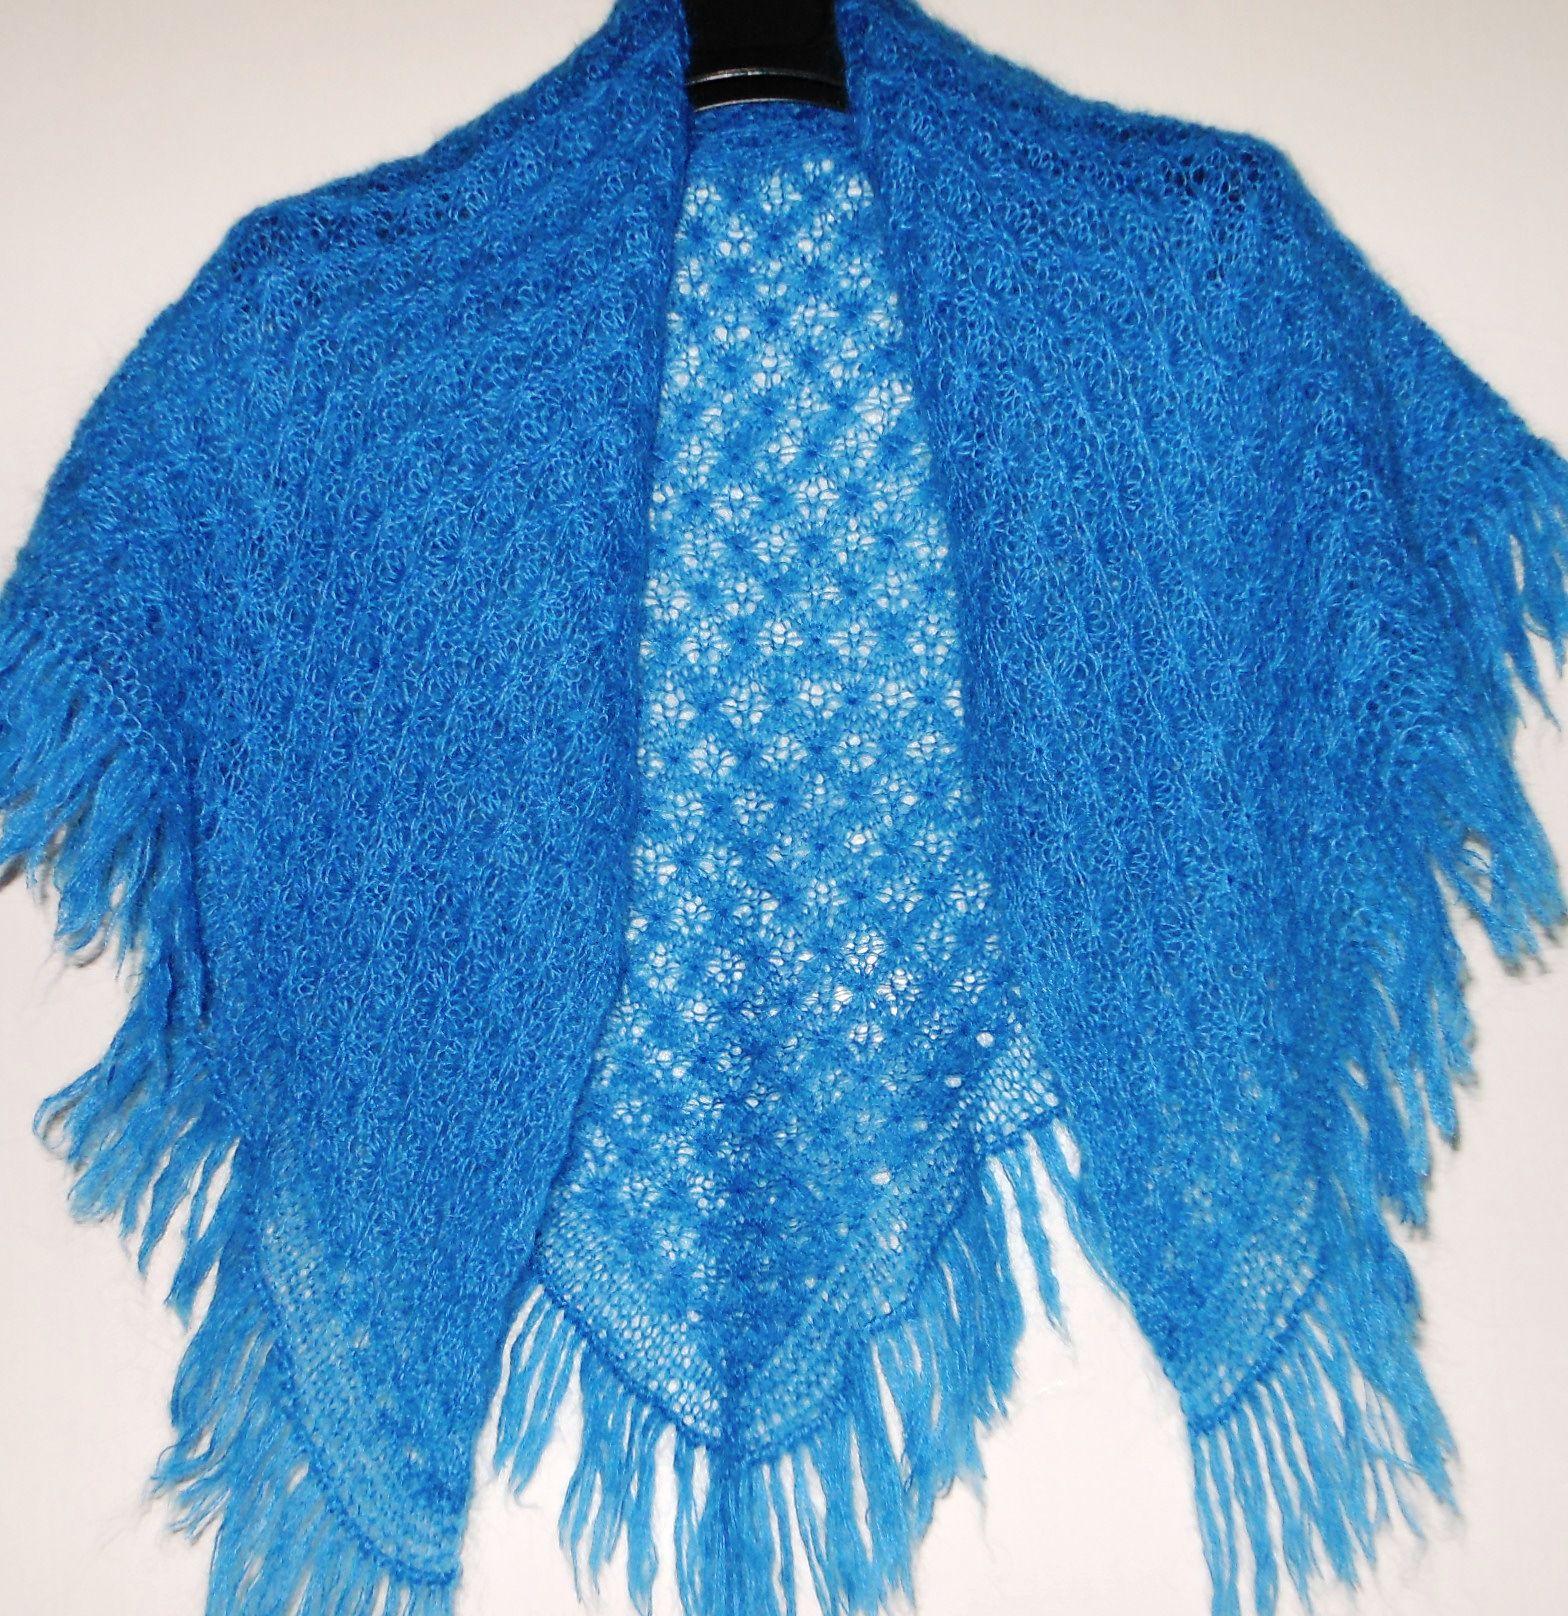 ажурная холод женщин красивая вязание ручная спицы шерсть для аксессуар подарок работа шаль косынка необычное женская мохер